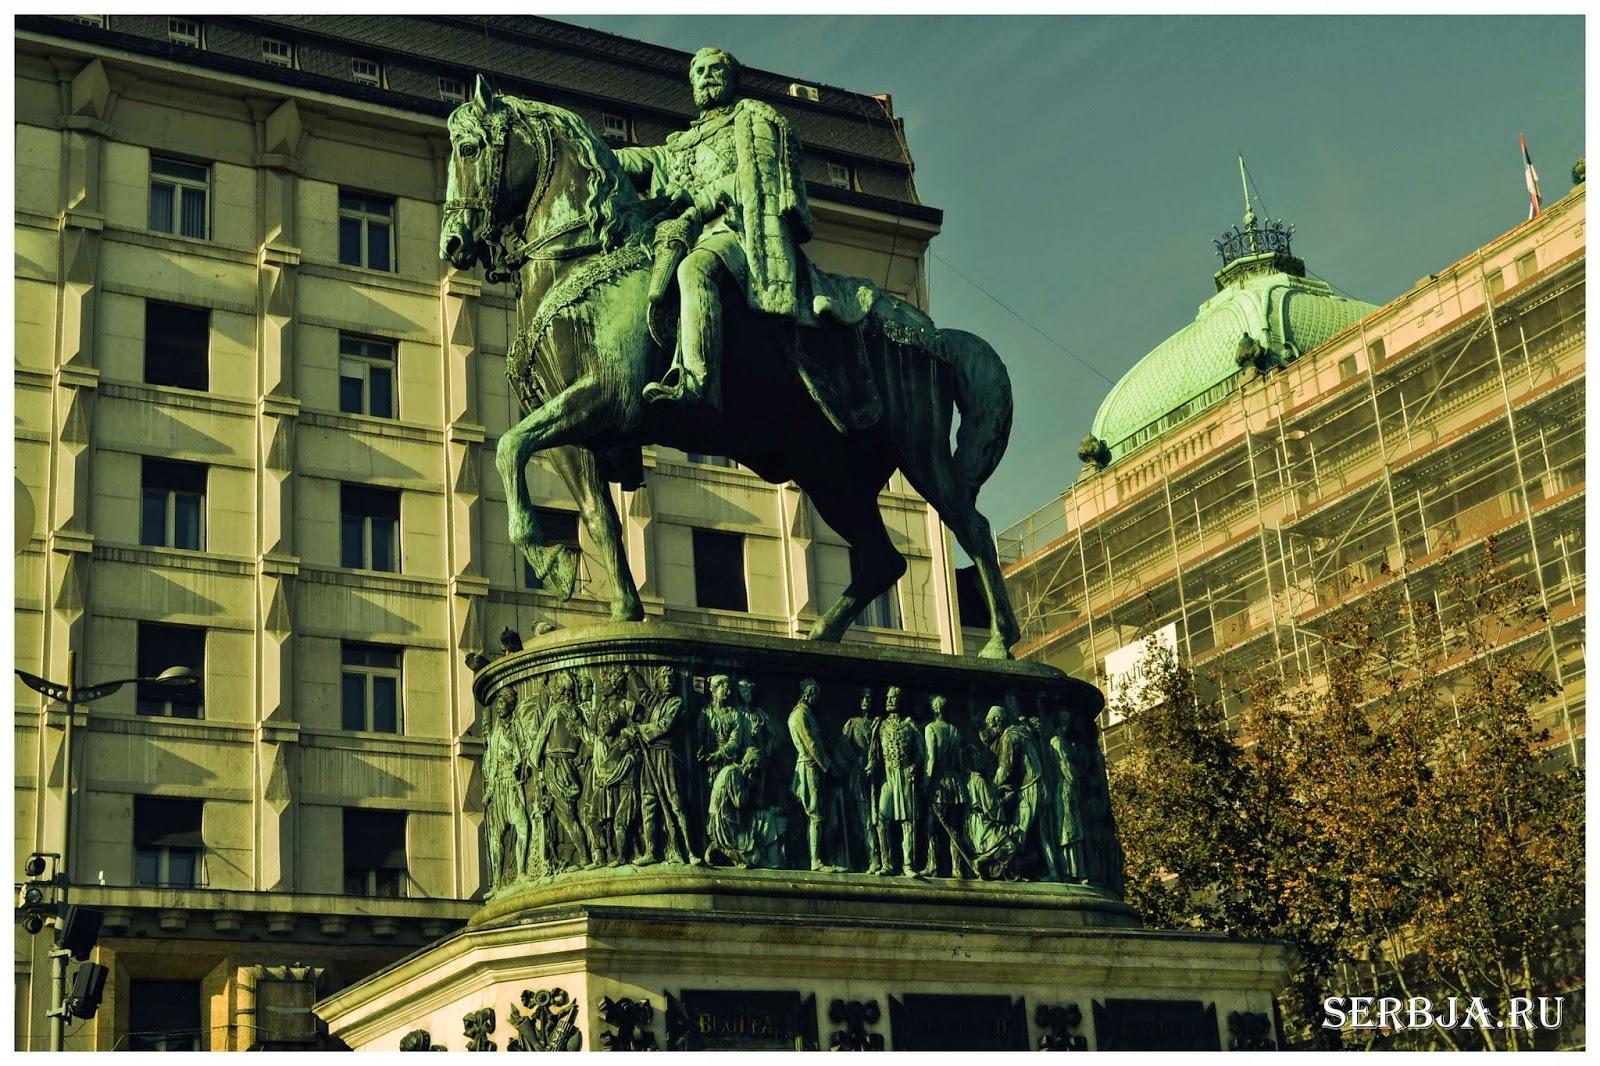 Статуя Князя Милоша